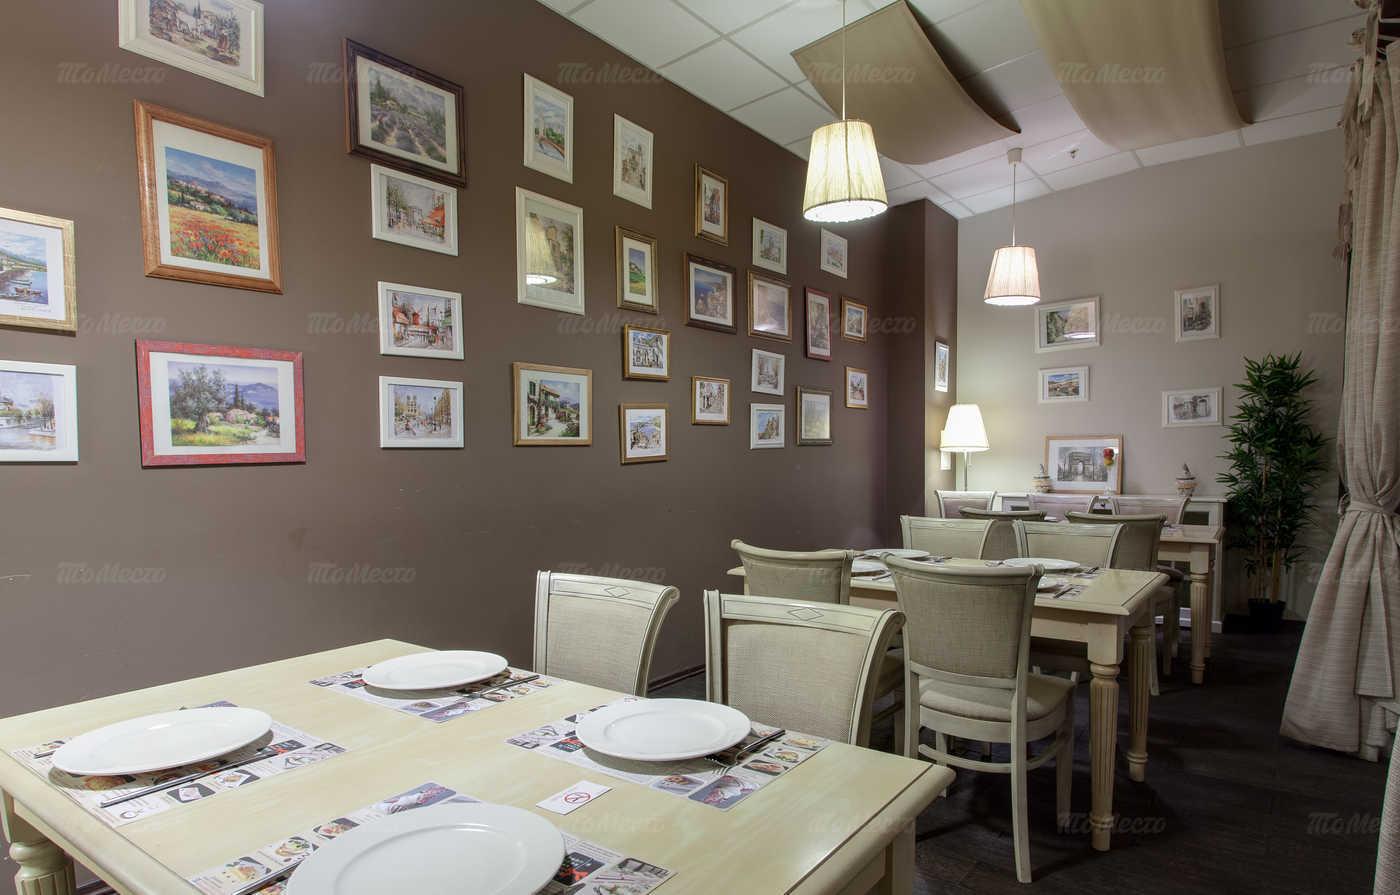 Ресторан Амарена (Amarena) на Гаккелевской улице фото 17